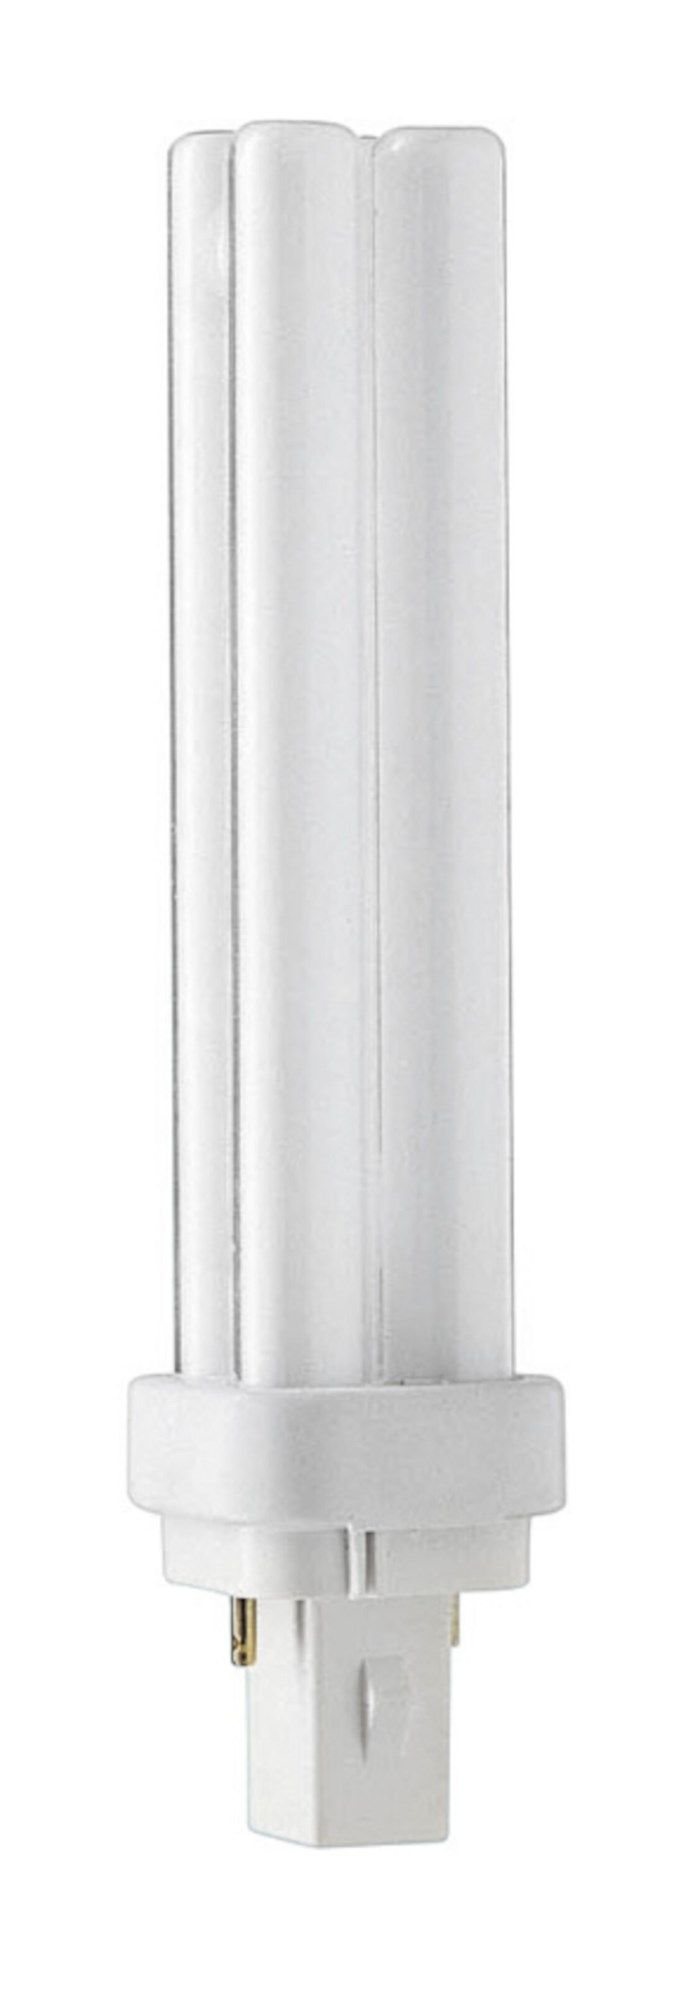 Kompaktlysrör G24d 900 lm